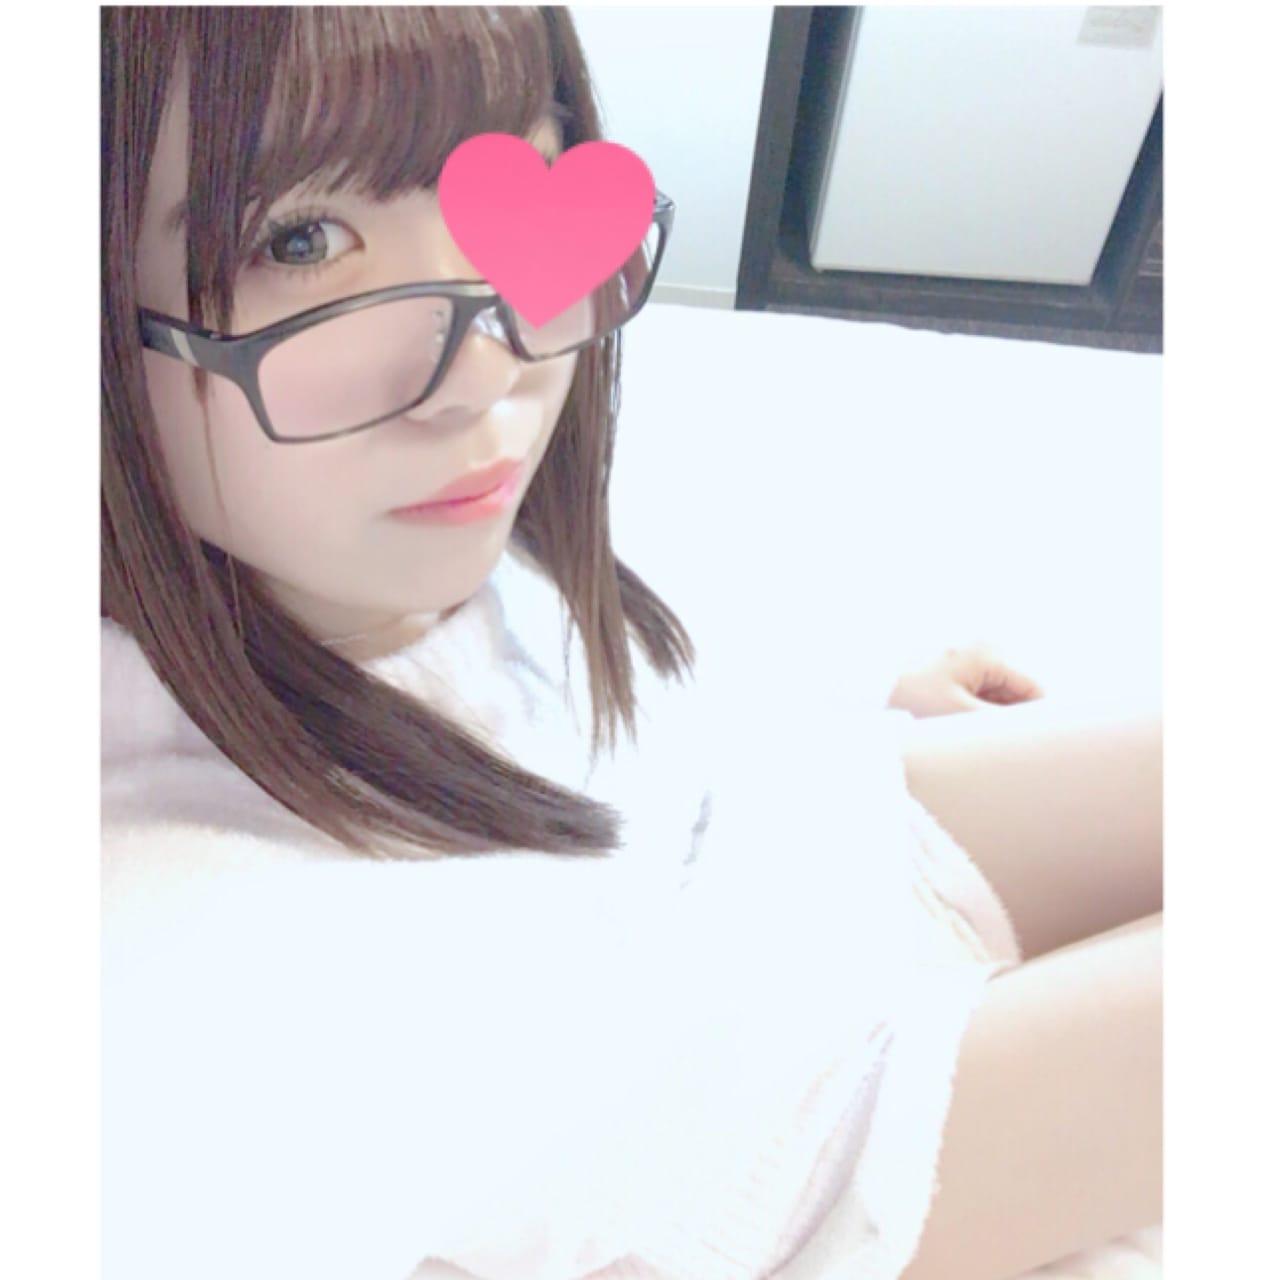 「出勤時間変更します!」09/19(火) 11:00 | かのんの写メ・風俗動画